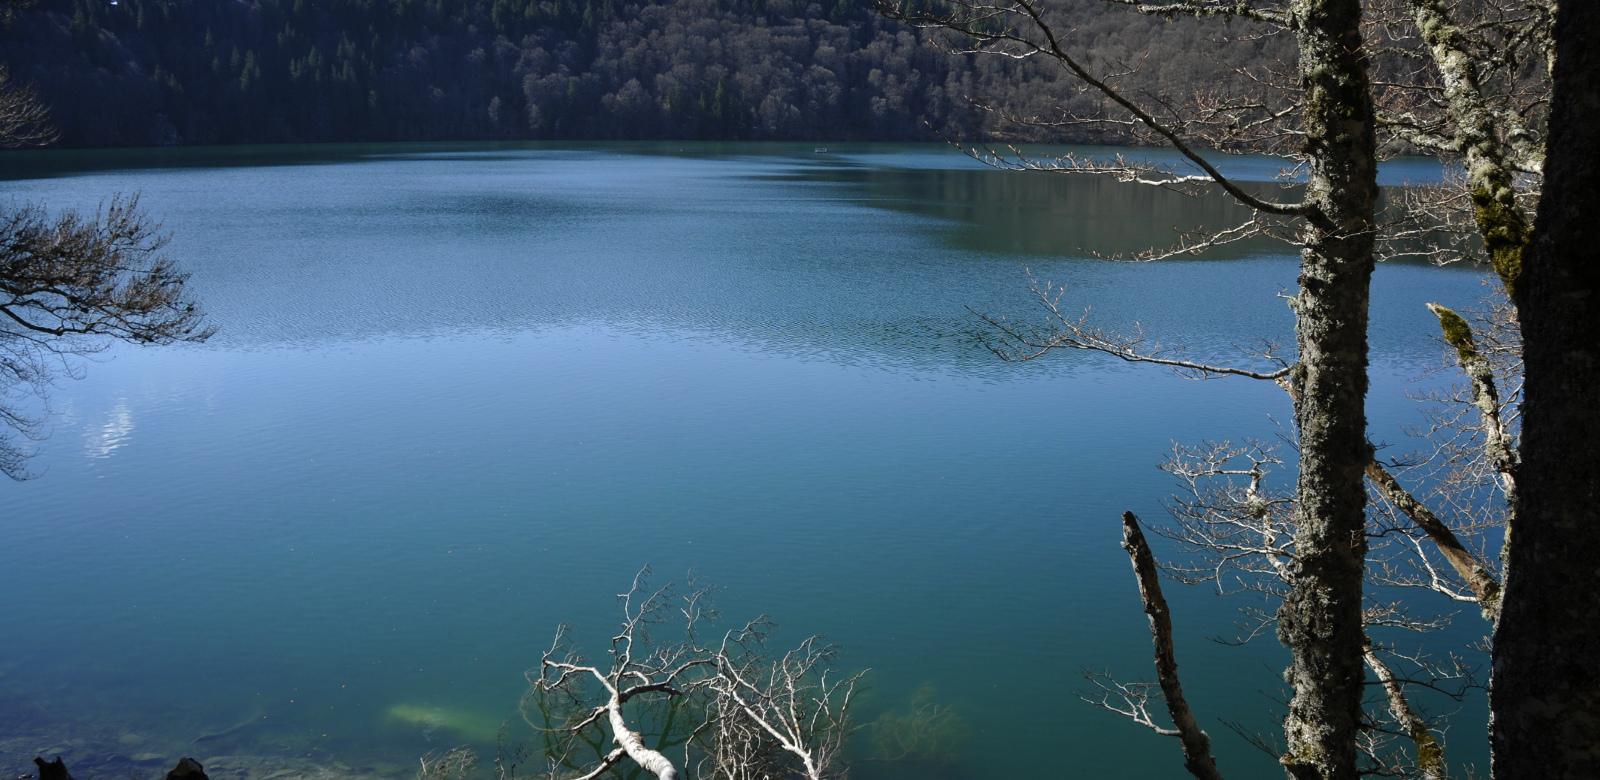 Pêche dans le lac Pavin guide de pêche auvergne